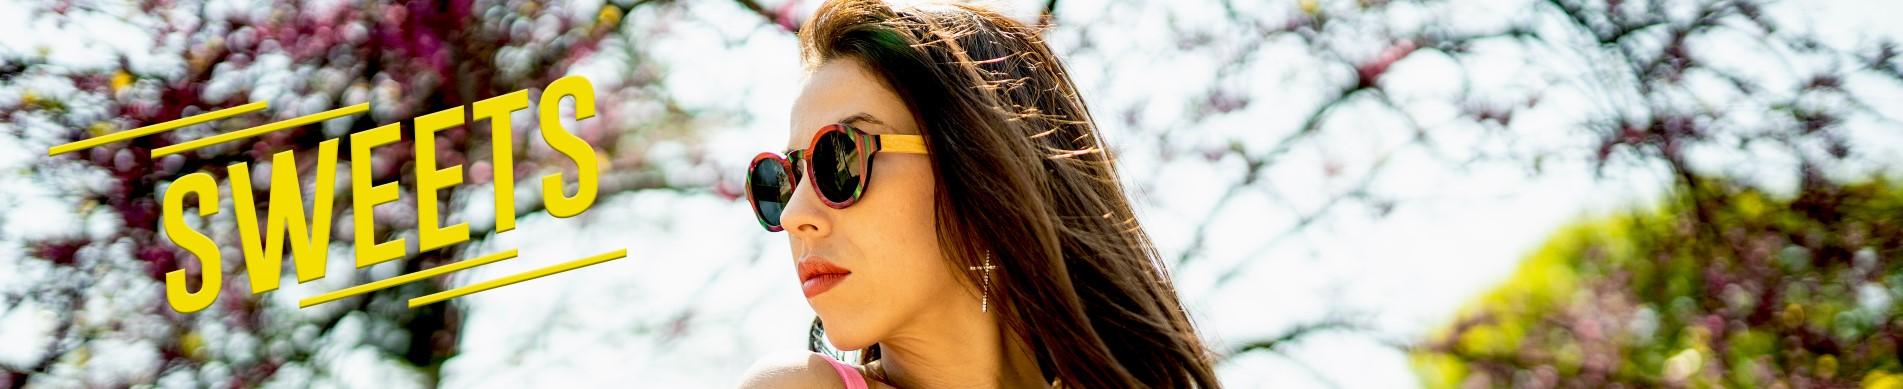 Gafas de sol Sweets